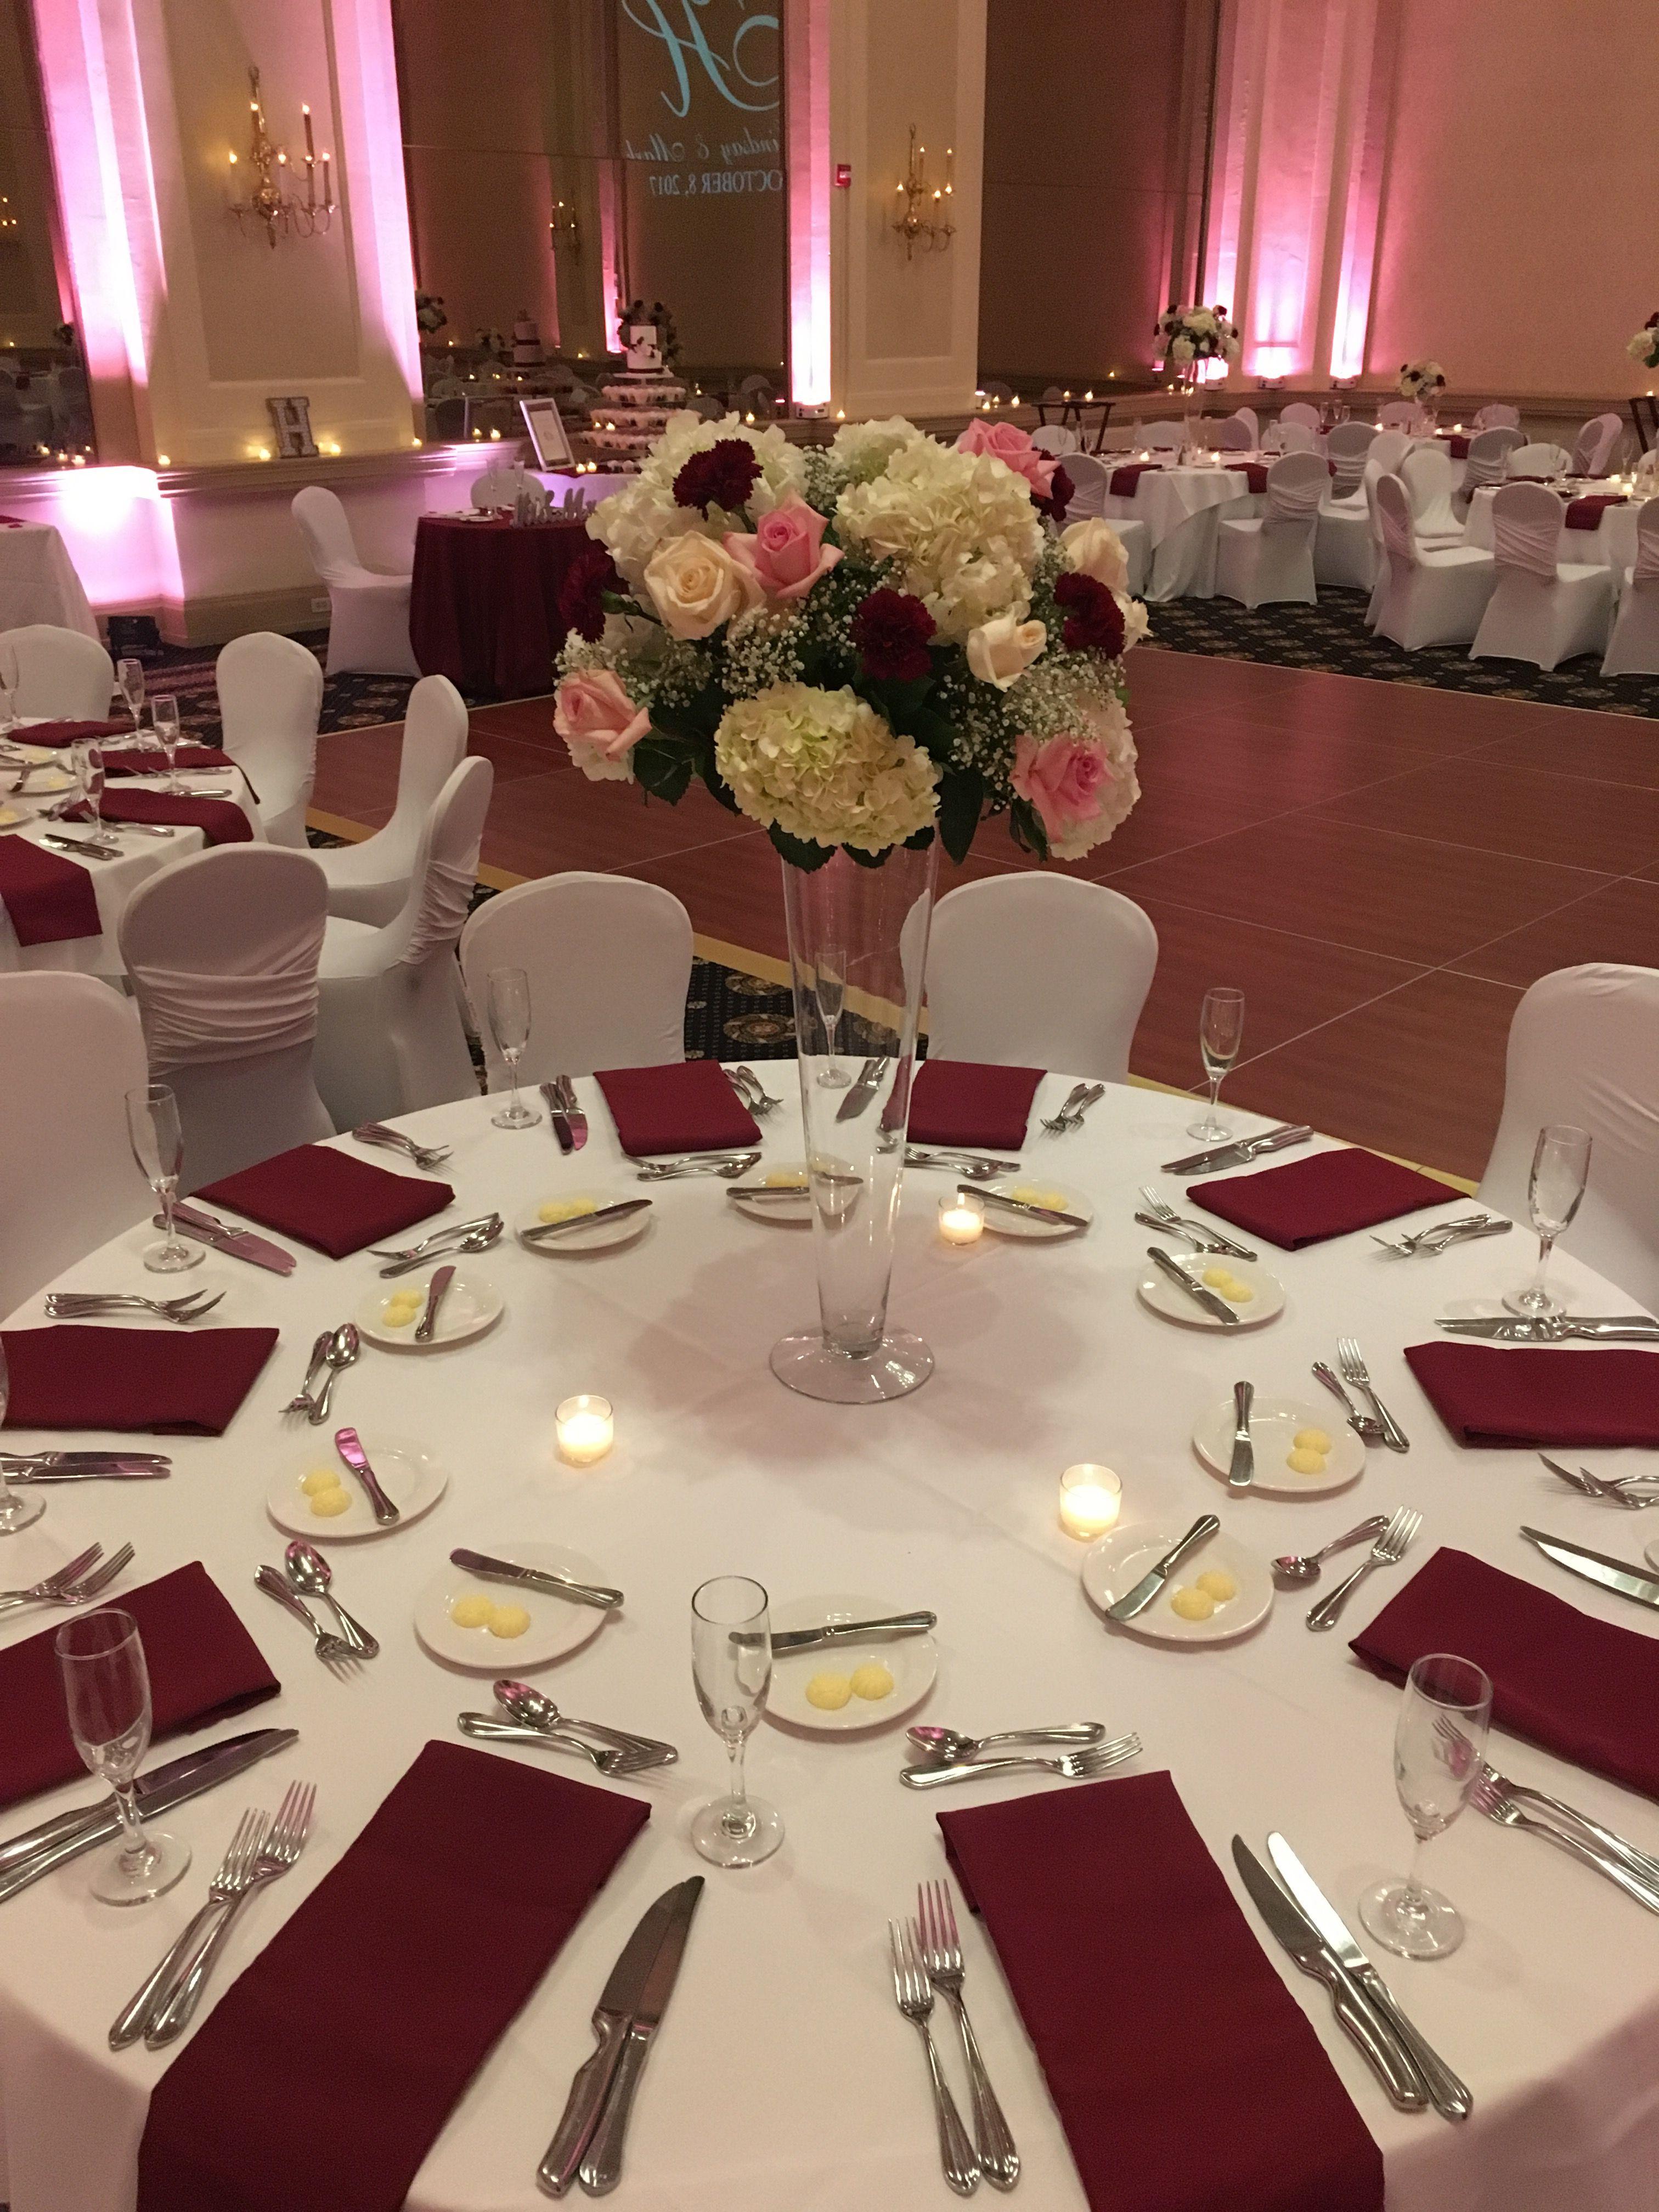 Tablescape Burgandy wedding, Burgundy wedding